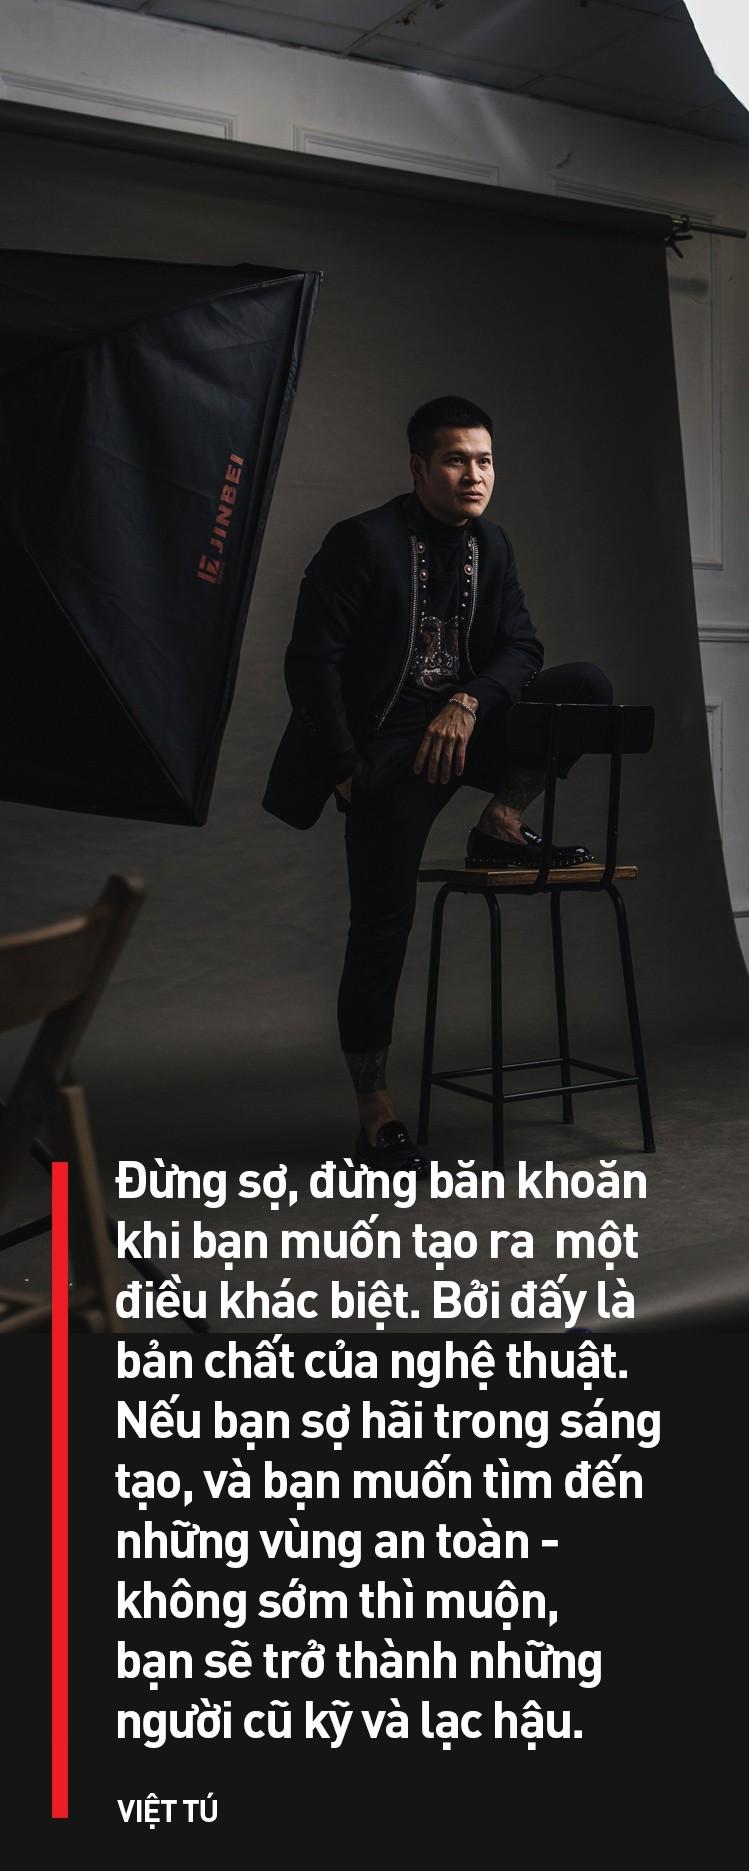 Đạo diễn Việt Tú: Ở Việt Nam, đa phần nghệ sĩ chưa biết quý trọng chất xám, và điều đấy khiến họ vất vả - Ảnh 6.